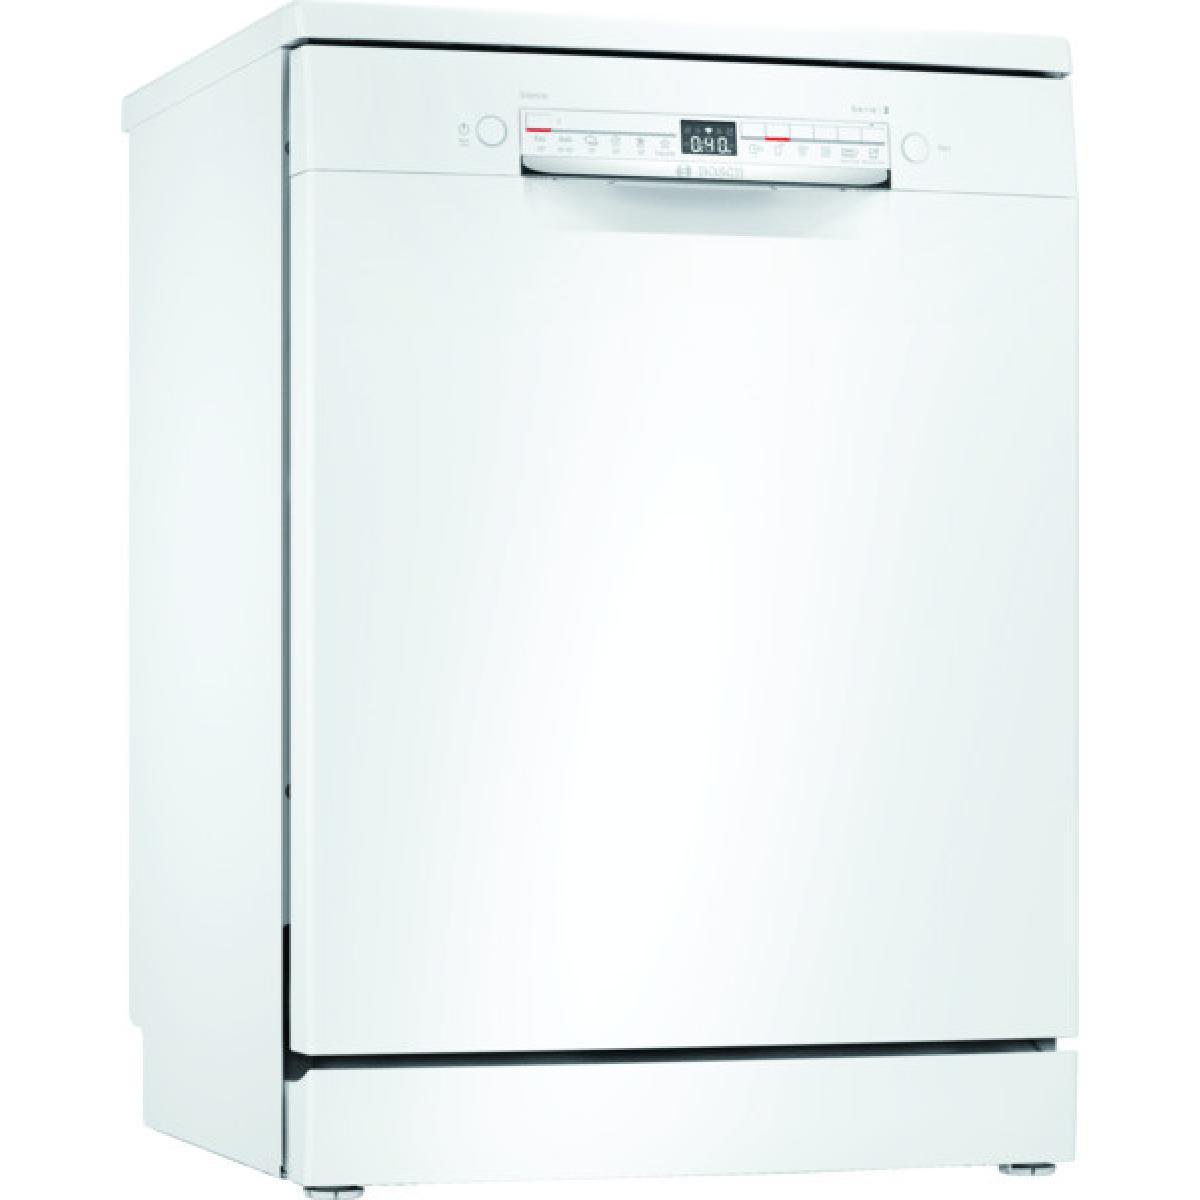 Bosch Lave-vaisselle pose libre BOSCH 12 Couverts 60cm E, SMS2HTW72E